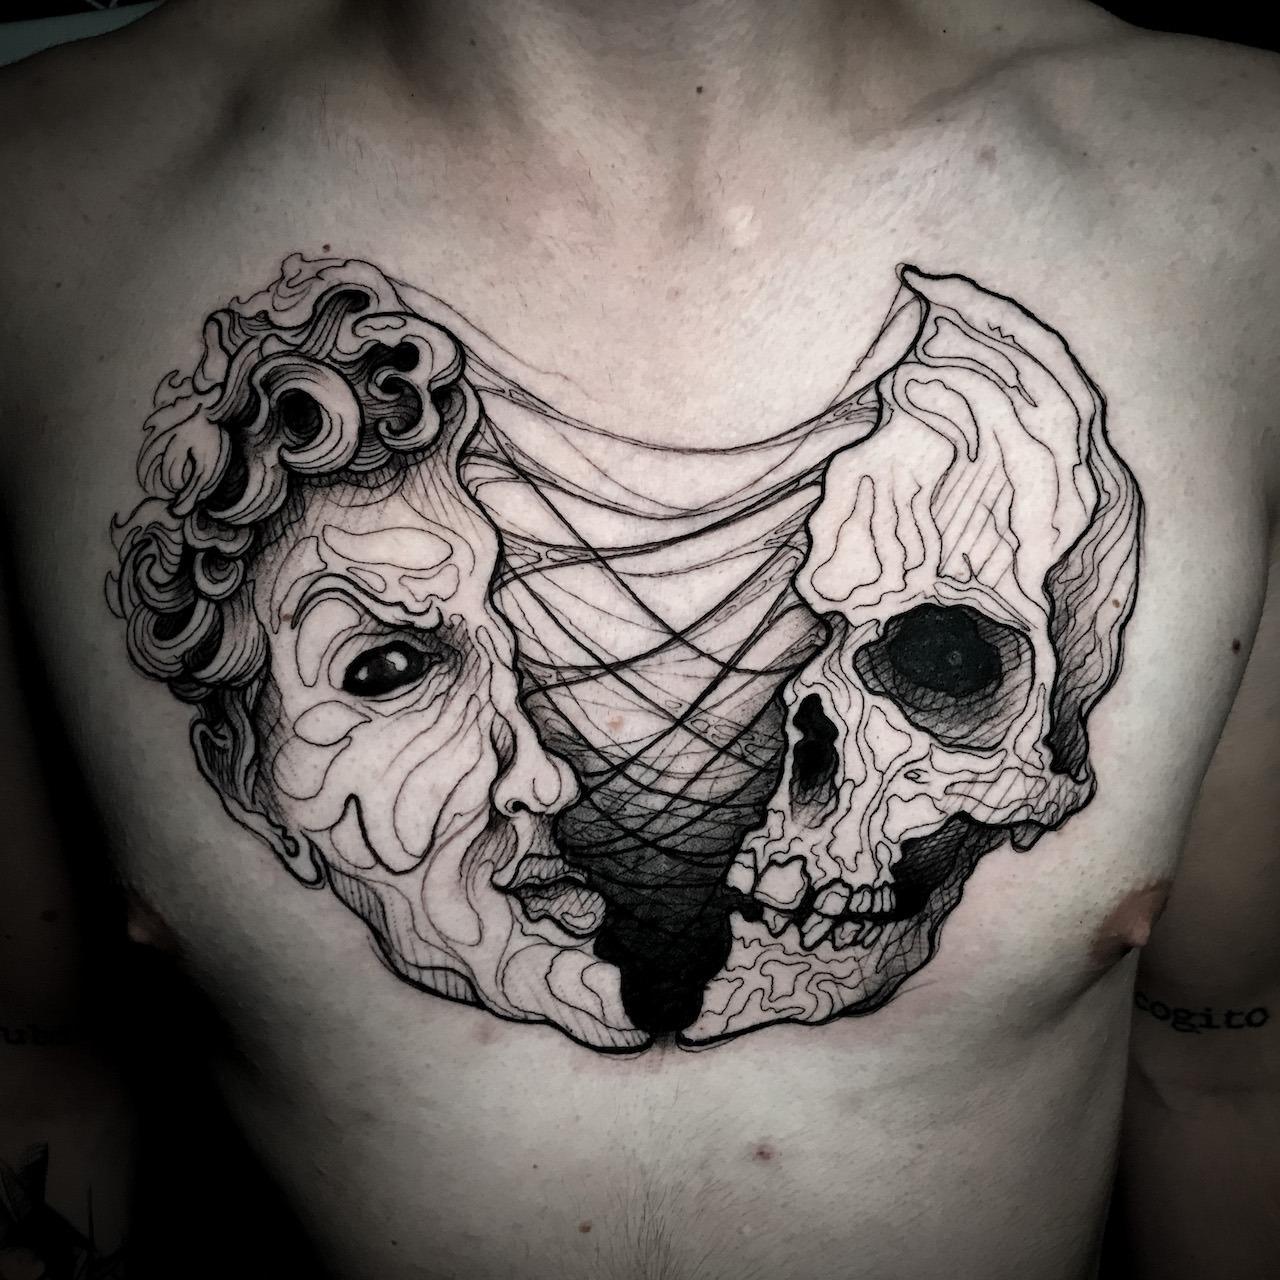 Tatuaż Czaszka od Koszeli